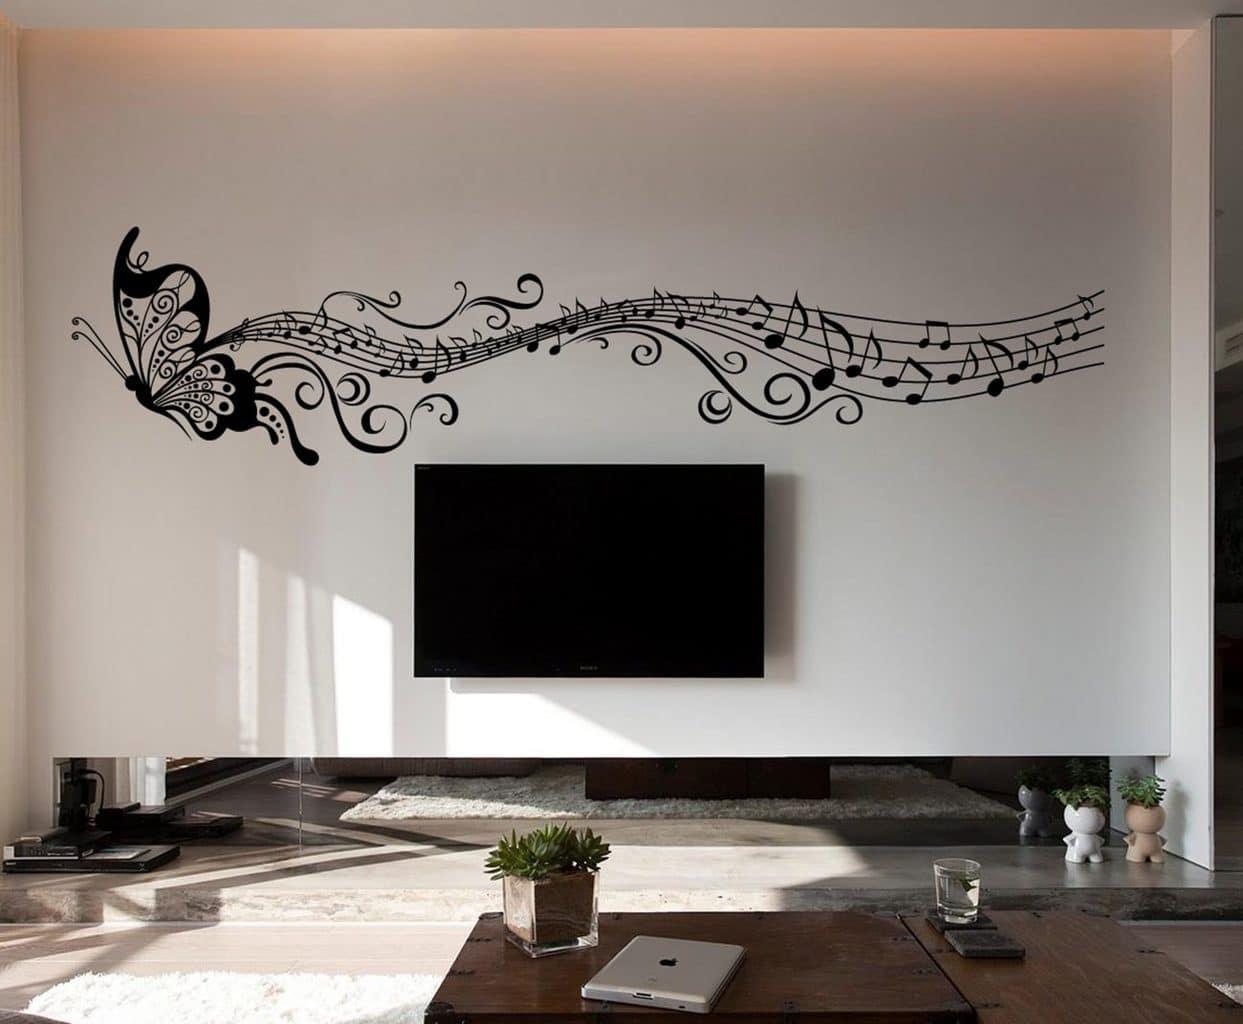 Musical Butterfly wall art decal